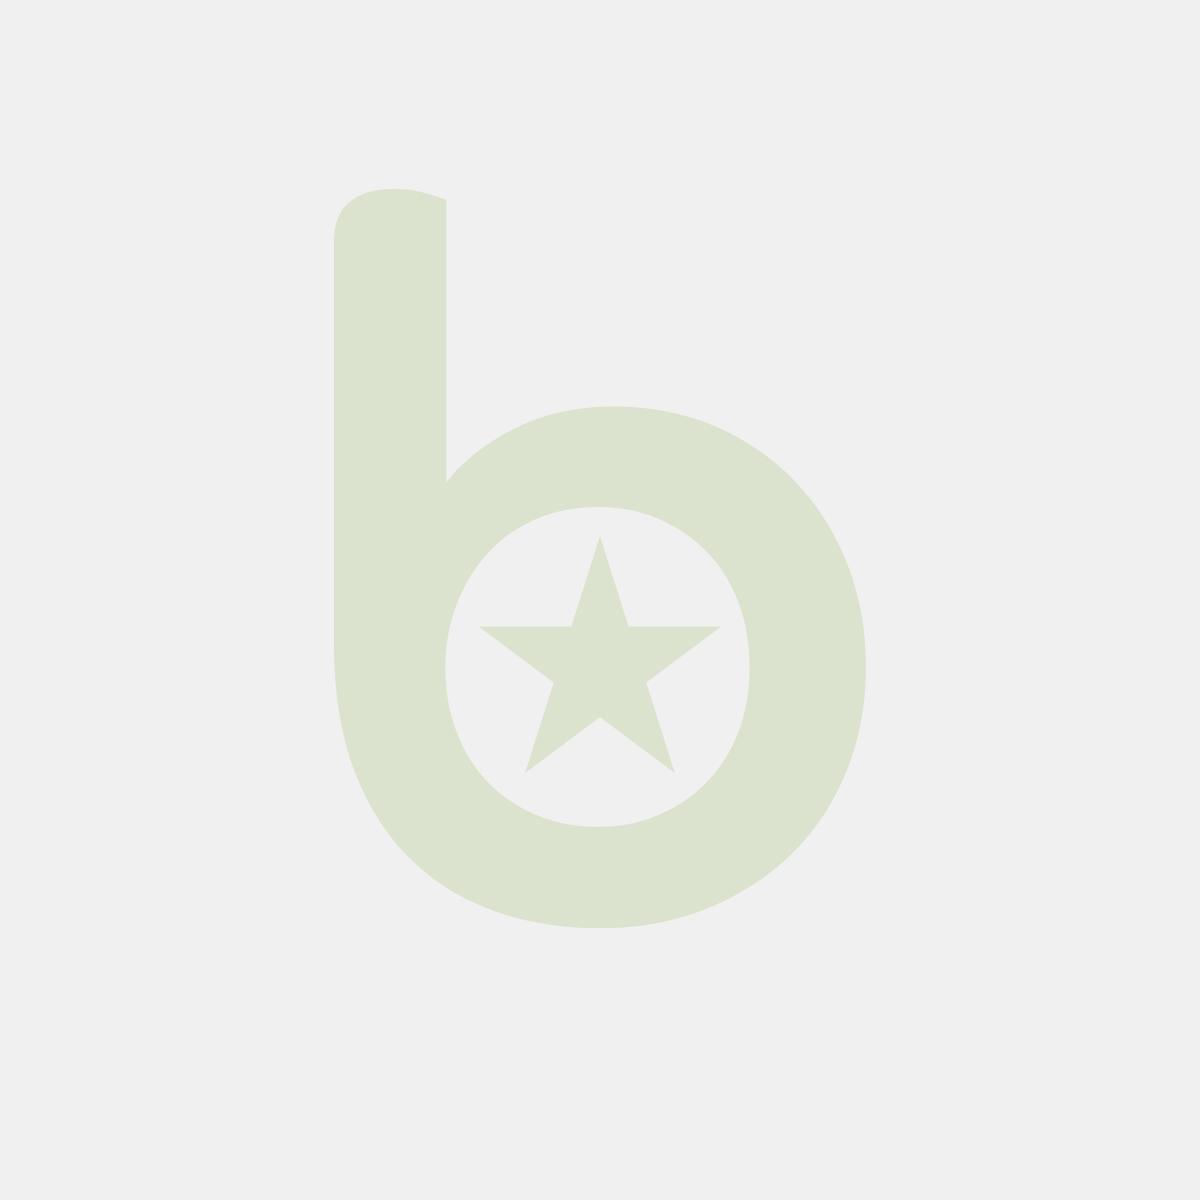 Cienkopis SCHNEIDER Line-Up, 0,4mm, żółty